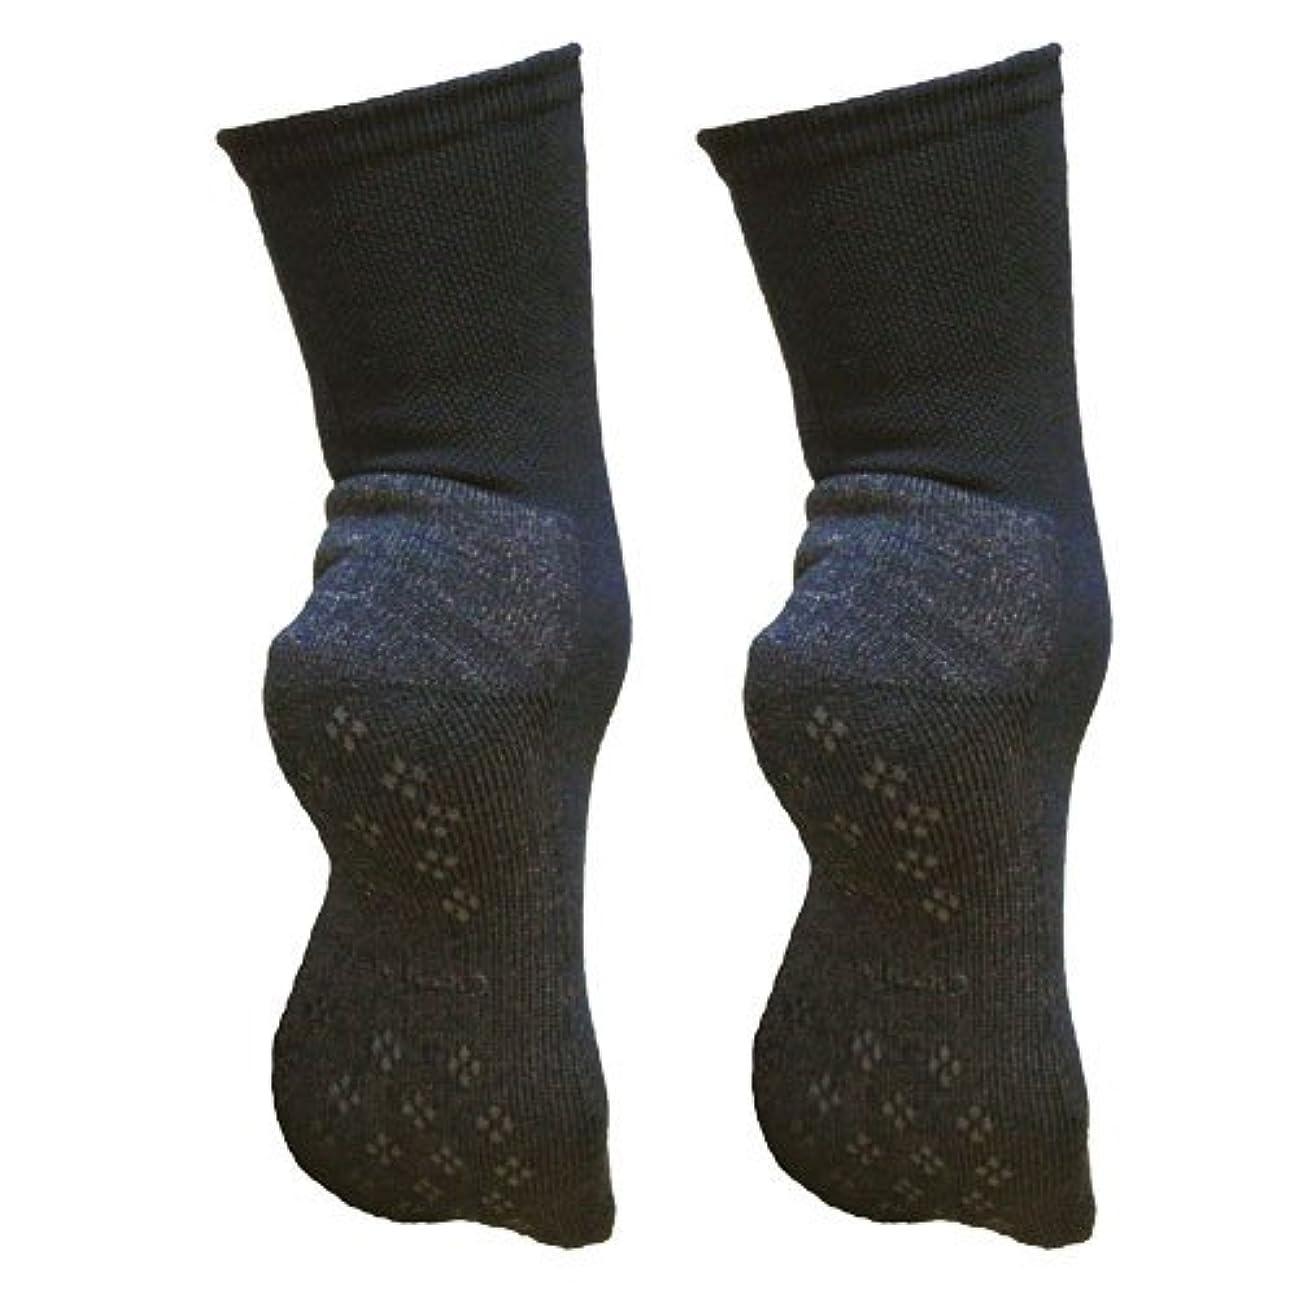 損なう防水モザイク銅繊維靴下「足もとはいつも青春」パイルタイプ2足セット 靴底のあたたかさ重視